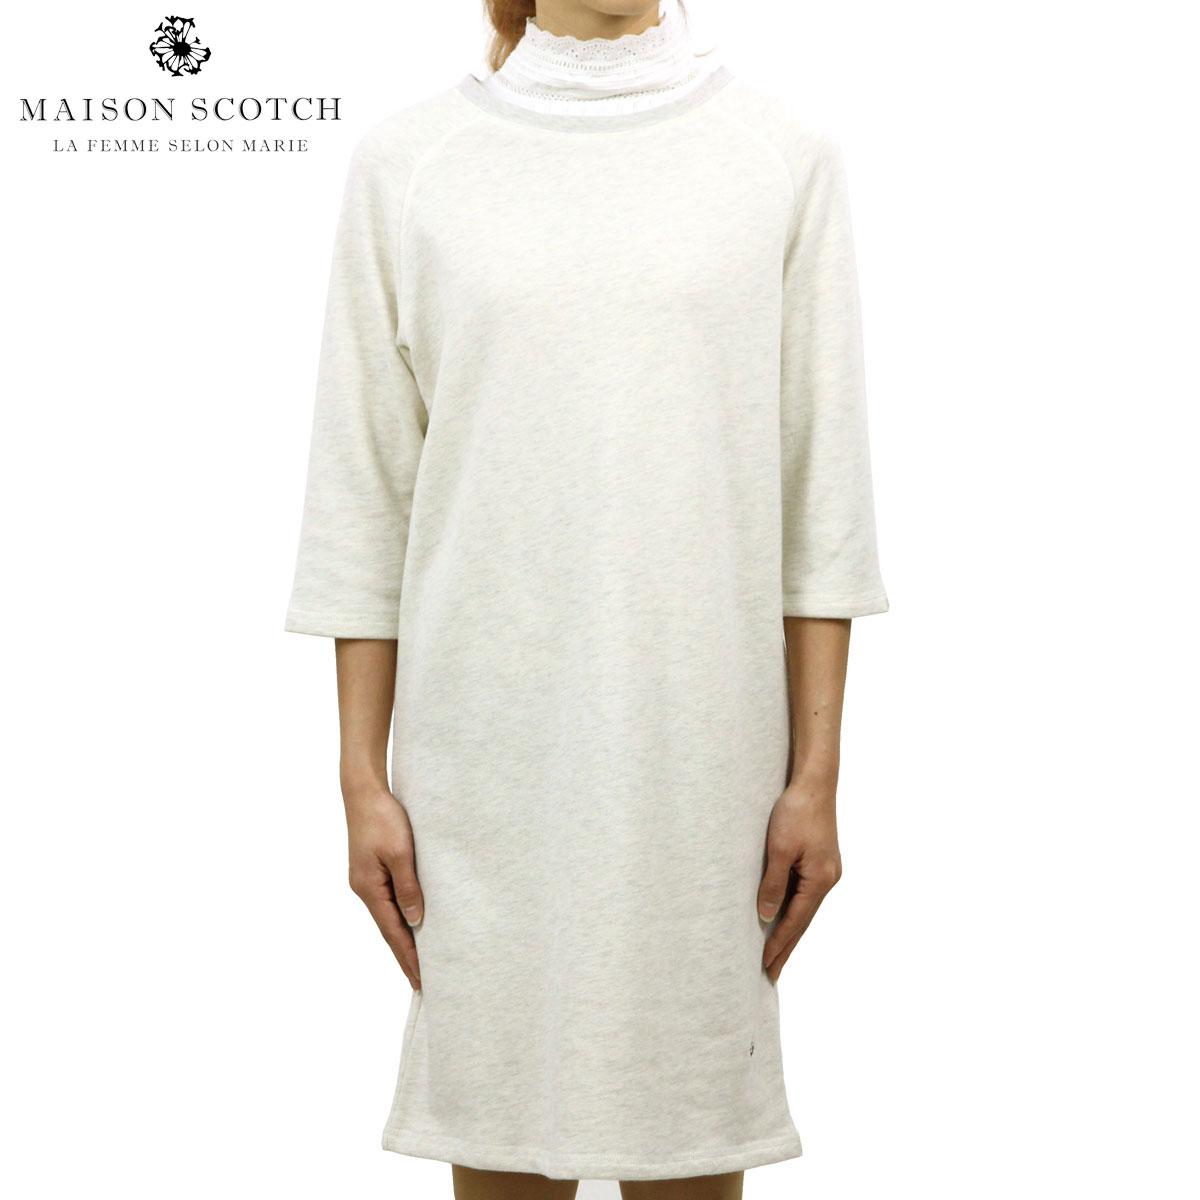 メゾンスコッチ MAISON SCOTCH 正規販売店 レディース スウェット素材 ワンピース SUPER SOFT SWEAT DRESS WITH WOVEN COLLAR 144097 0G 53826 GREY ME D